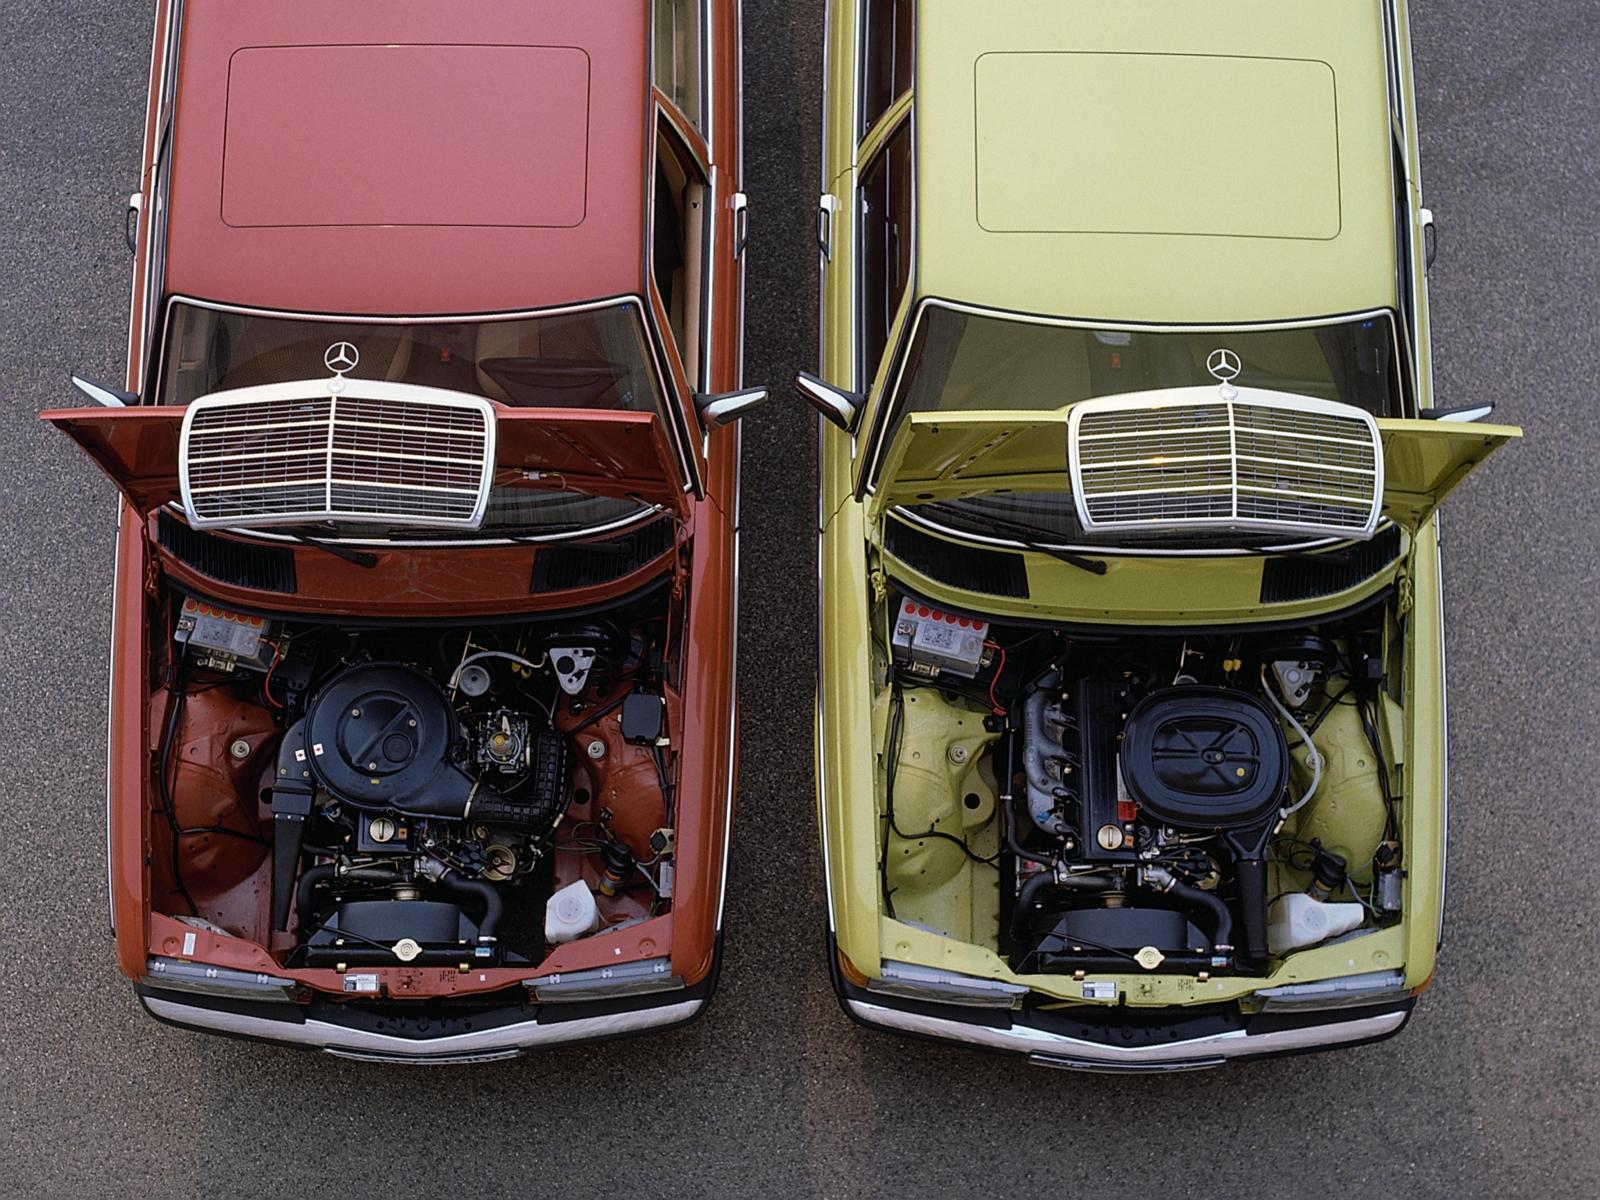 Mercedes-Benz W123 - Mercedes-Benz W123